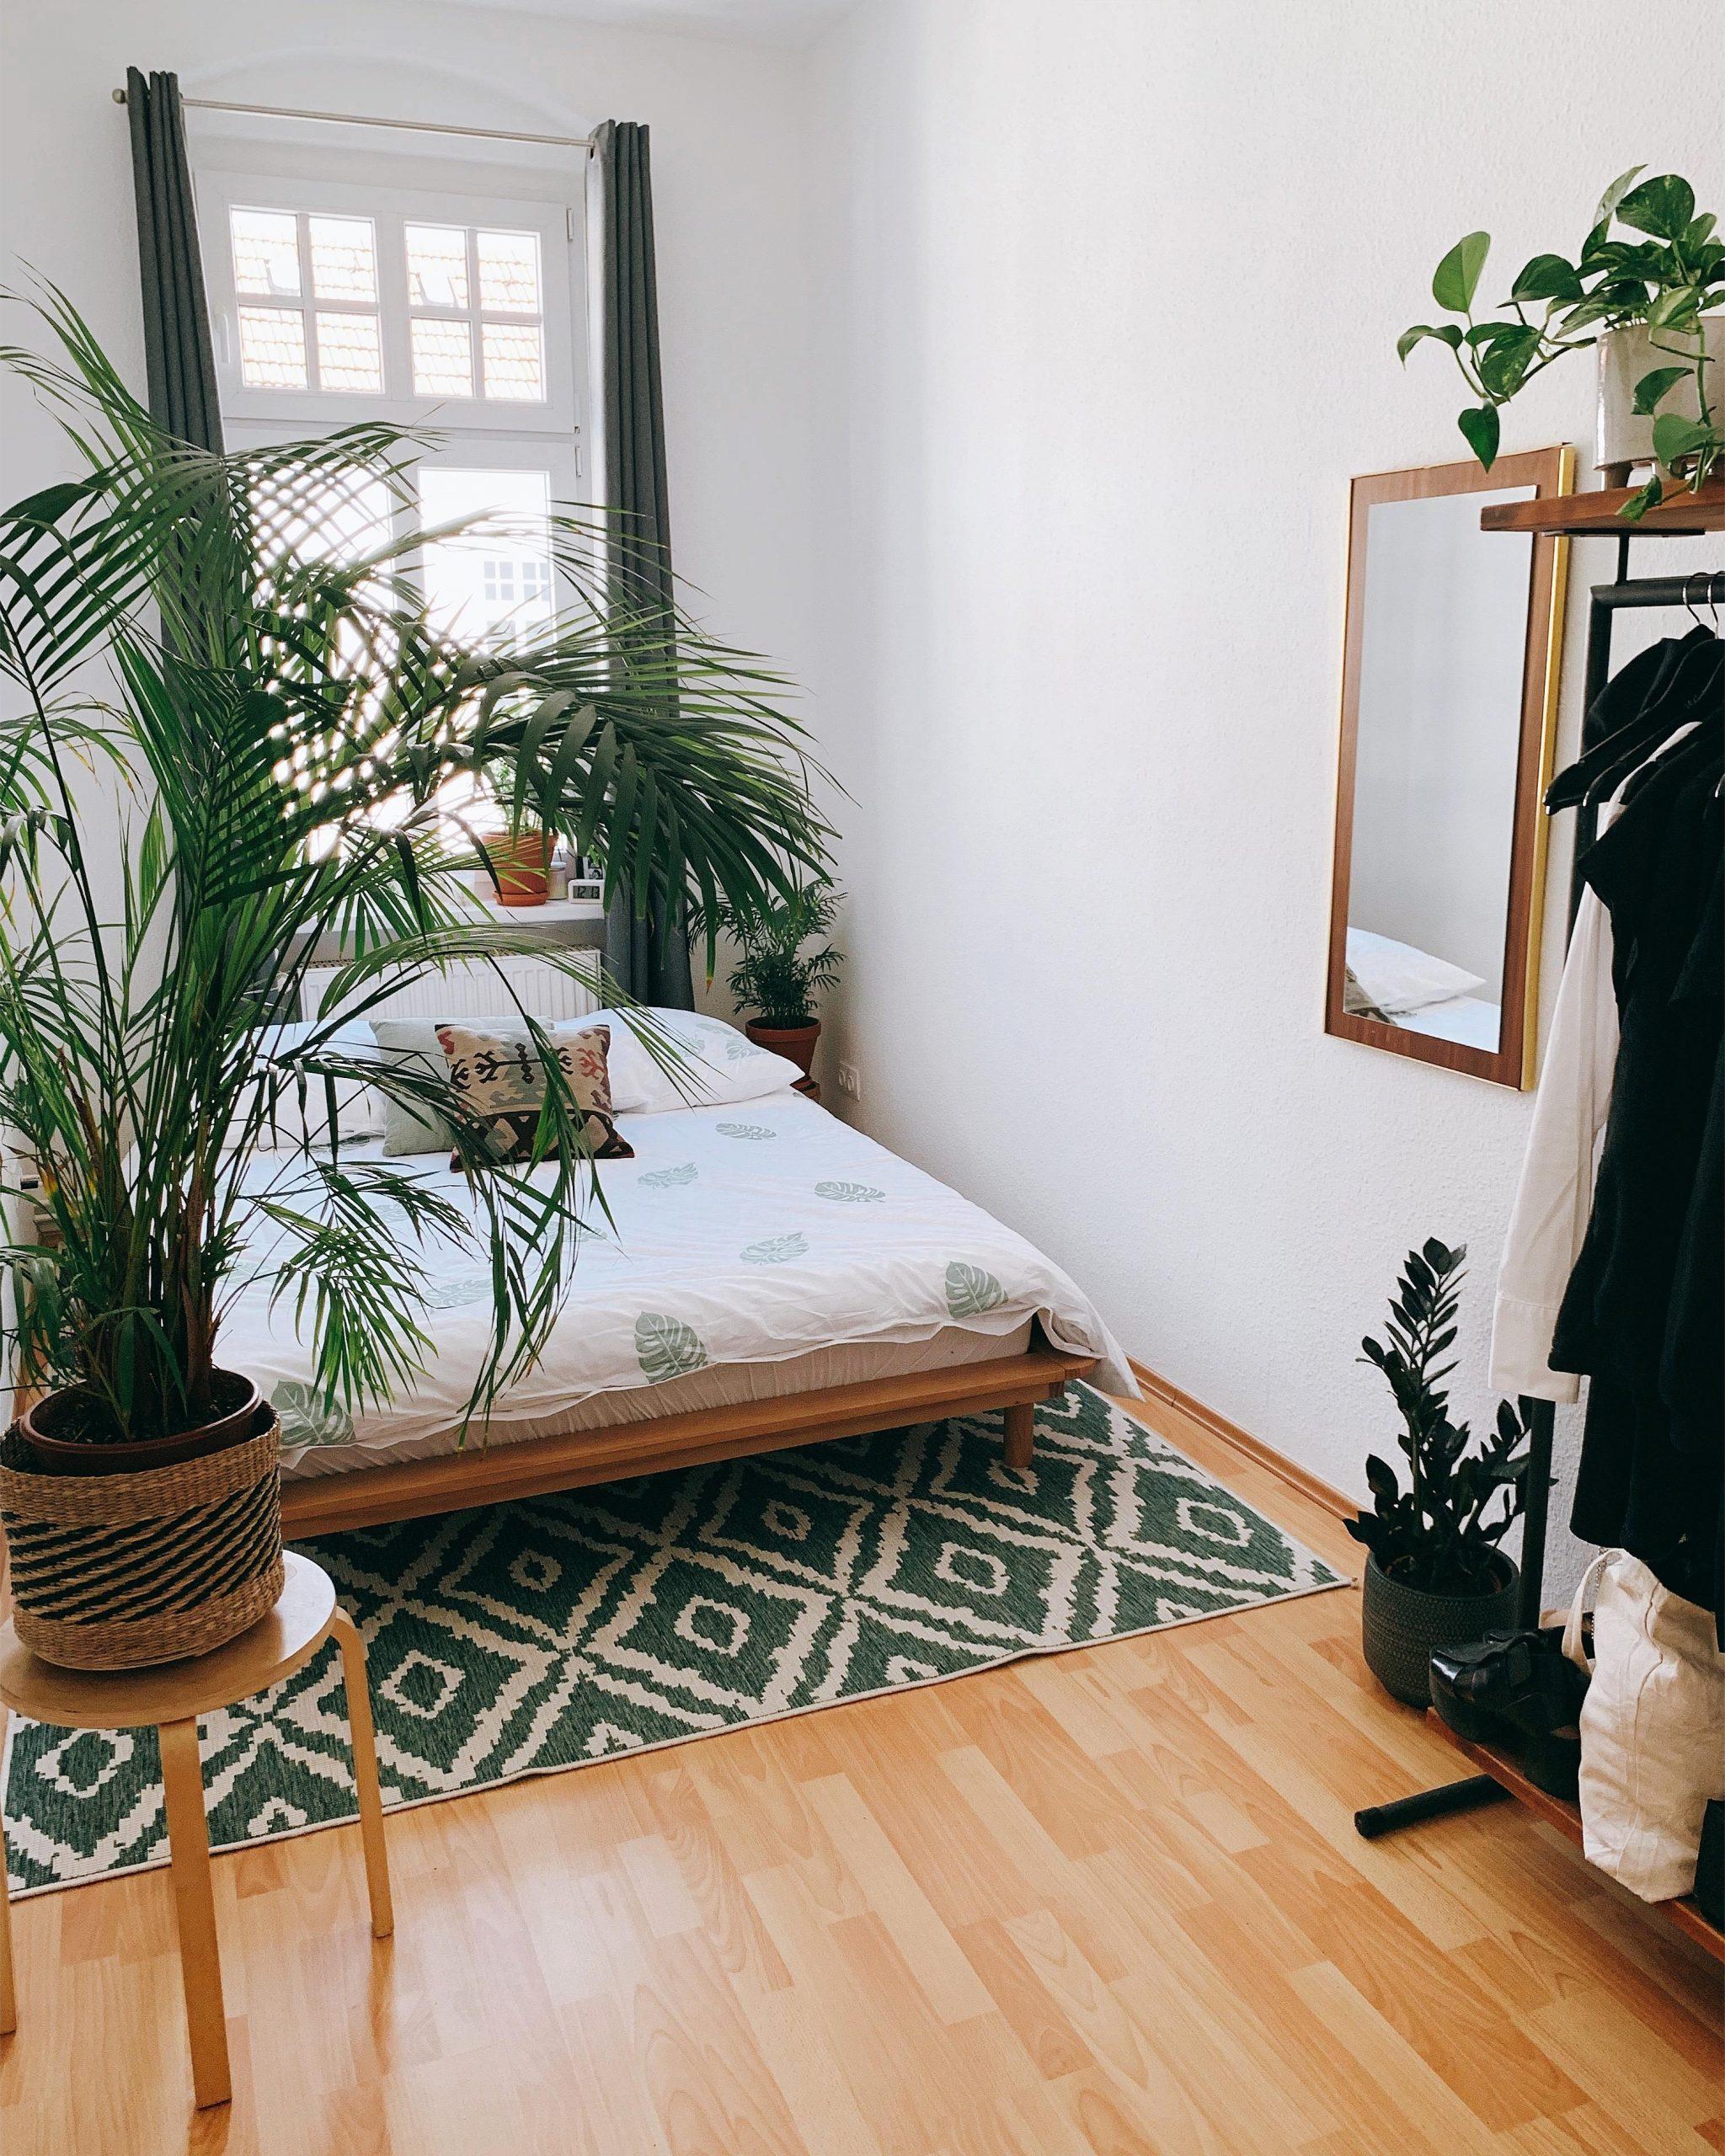 Full Size of Schlafzimmer Teppich Livingchallenge Couch Komplett Poco Set Deckenleuchten Kommode Weißes Schimmel Im Eckschrank Landhaus Günstig Lampen Wohnzimmer Stuhl Schlafzimmer Schlafzimmer Teppich